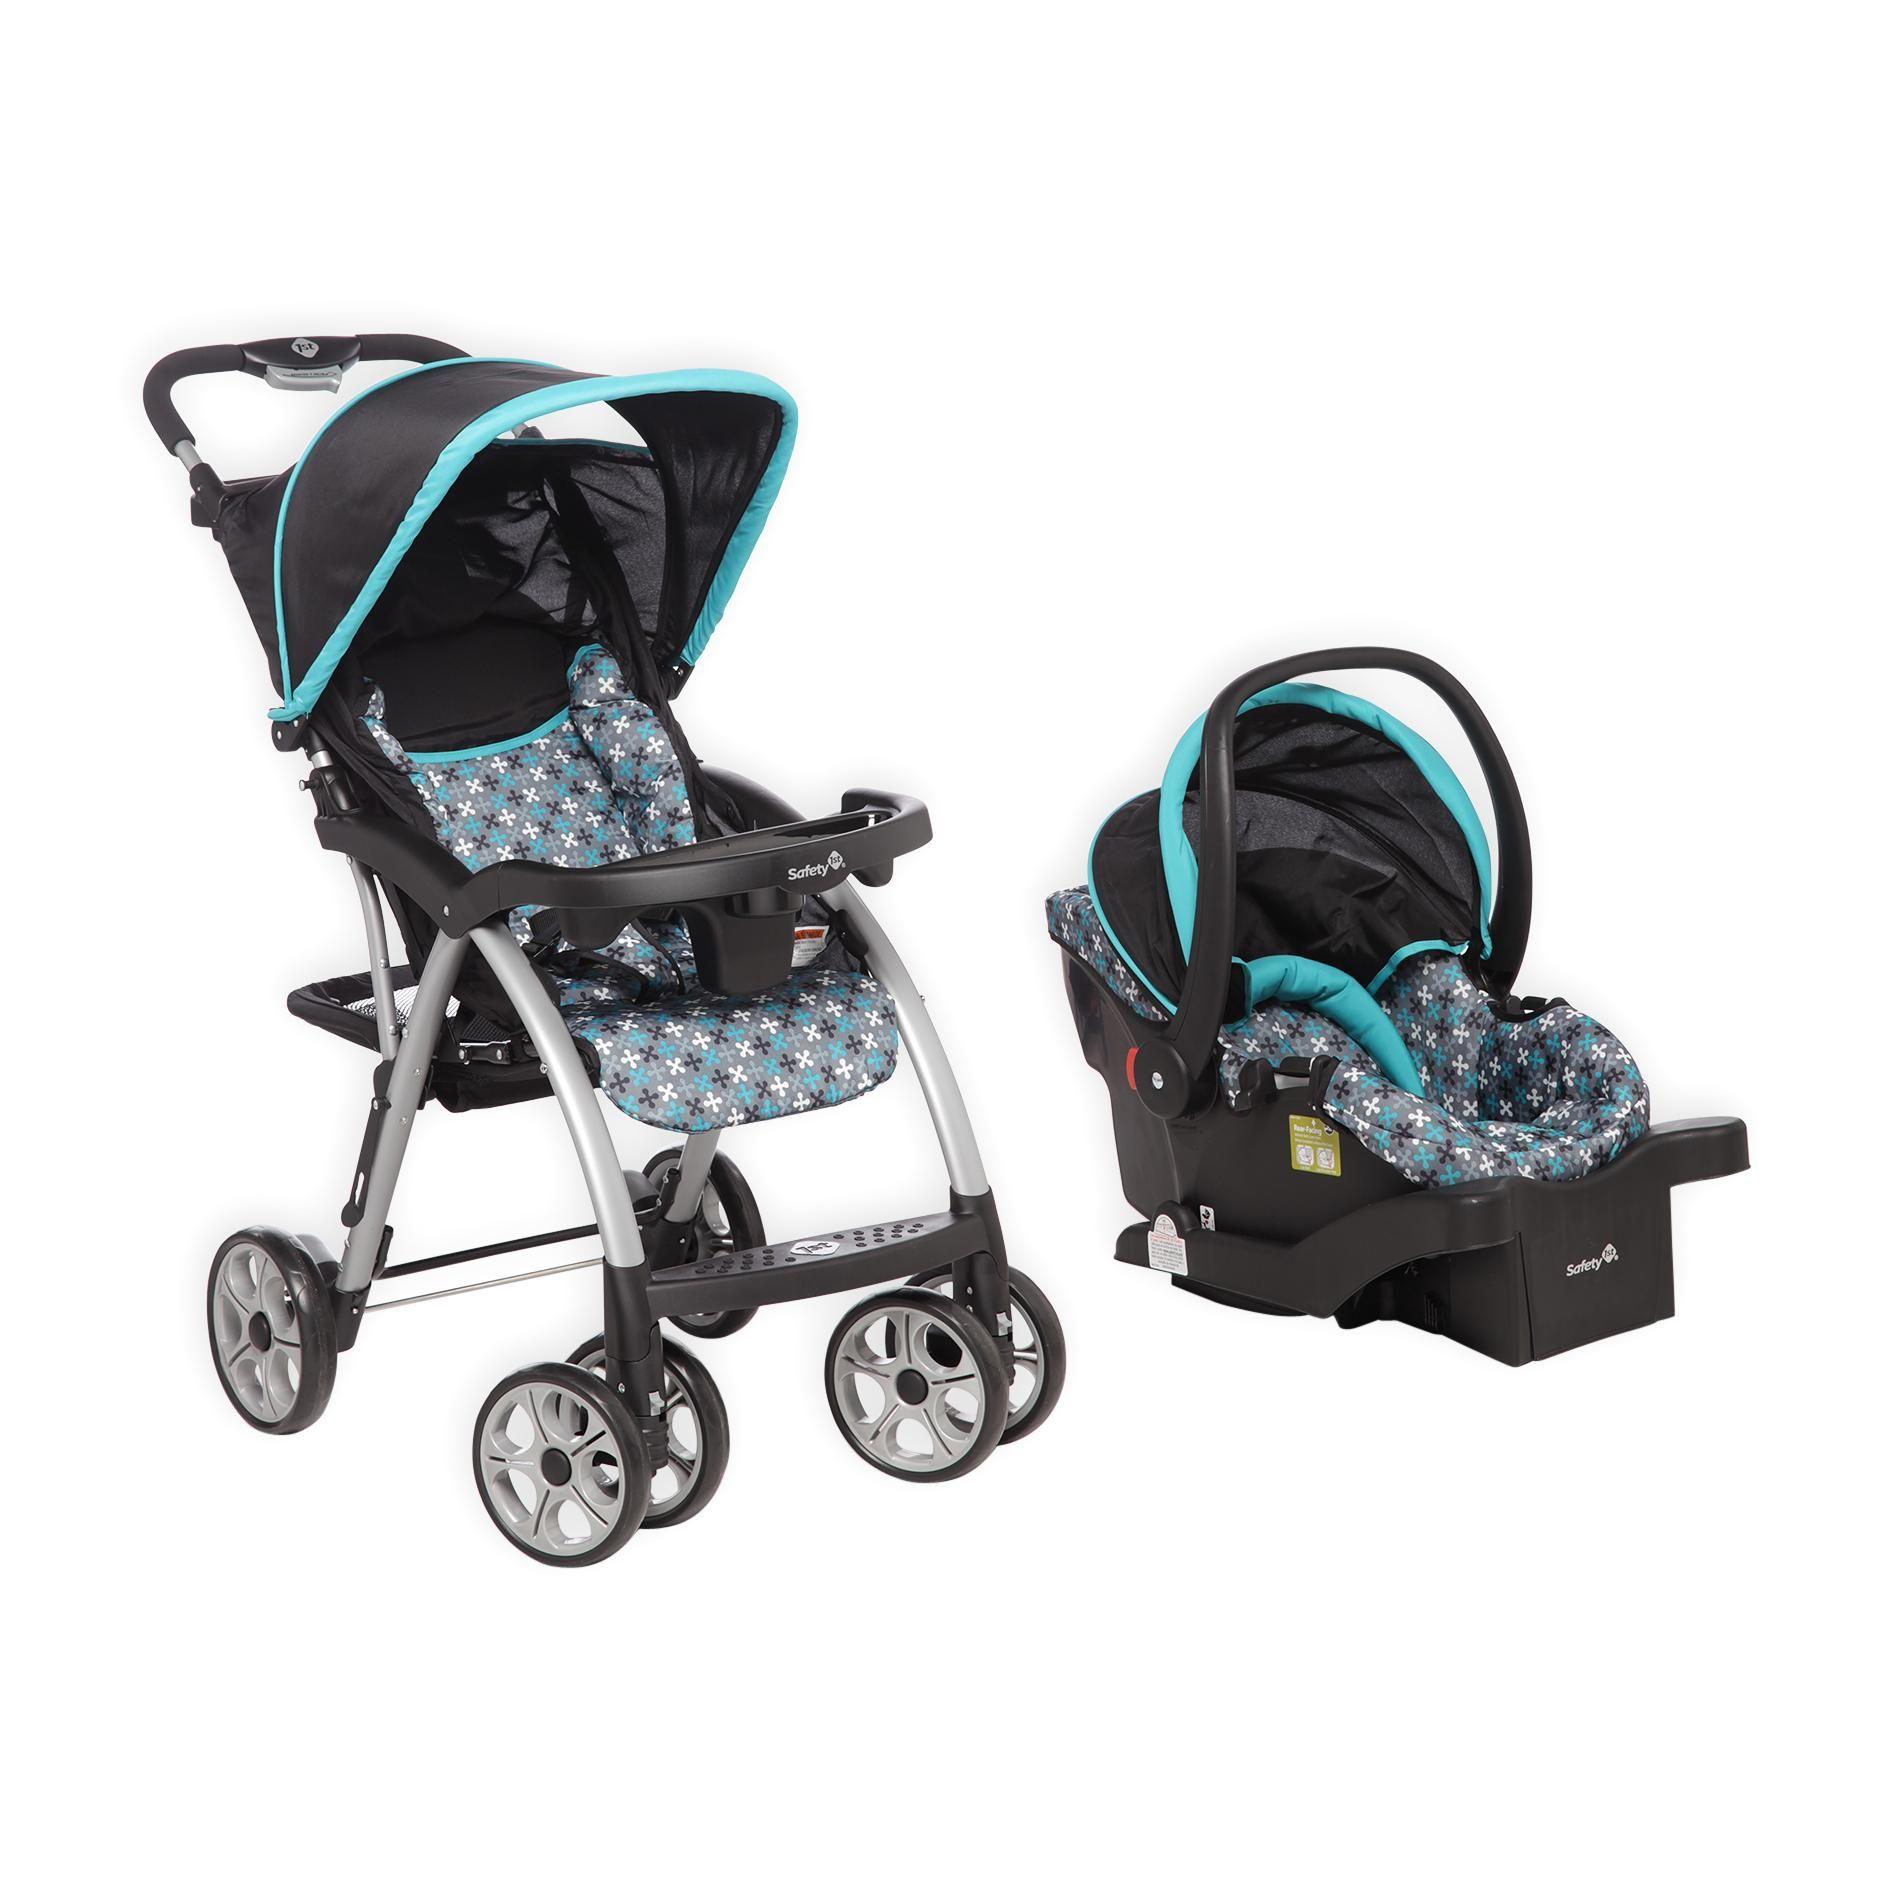 Strollers At Kmart - Stroller